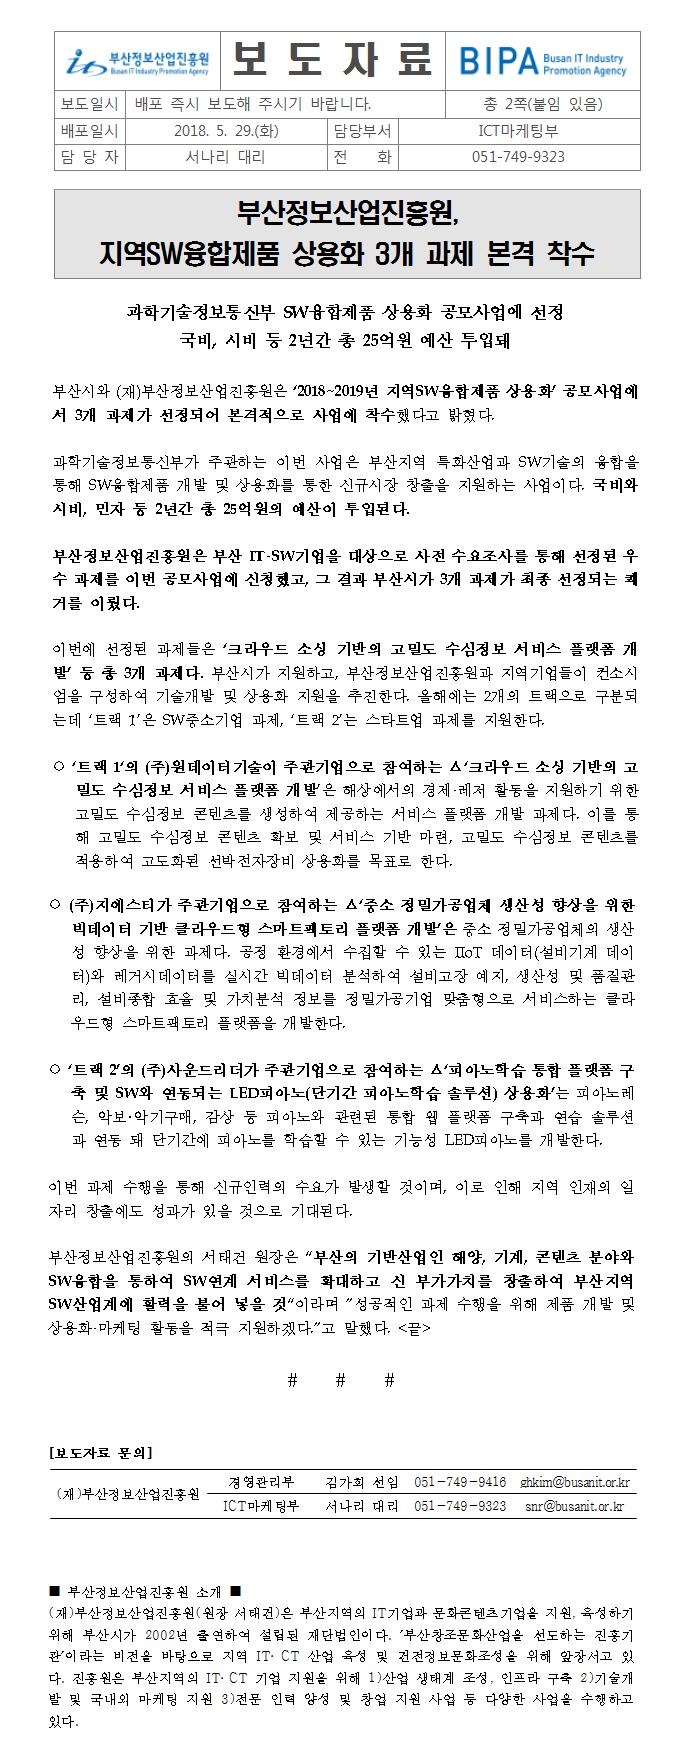 부산정보산업진흥원. 지역SW융합제품 상용화 3개 과제 본격 착수